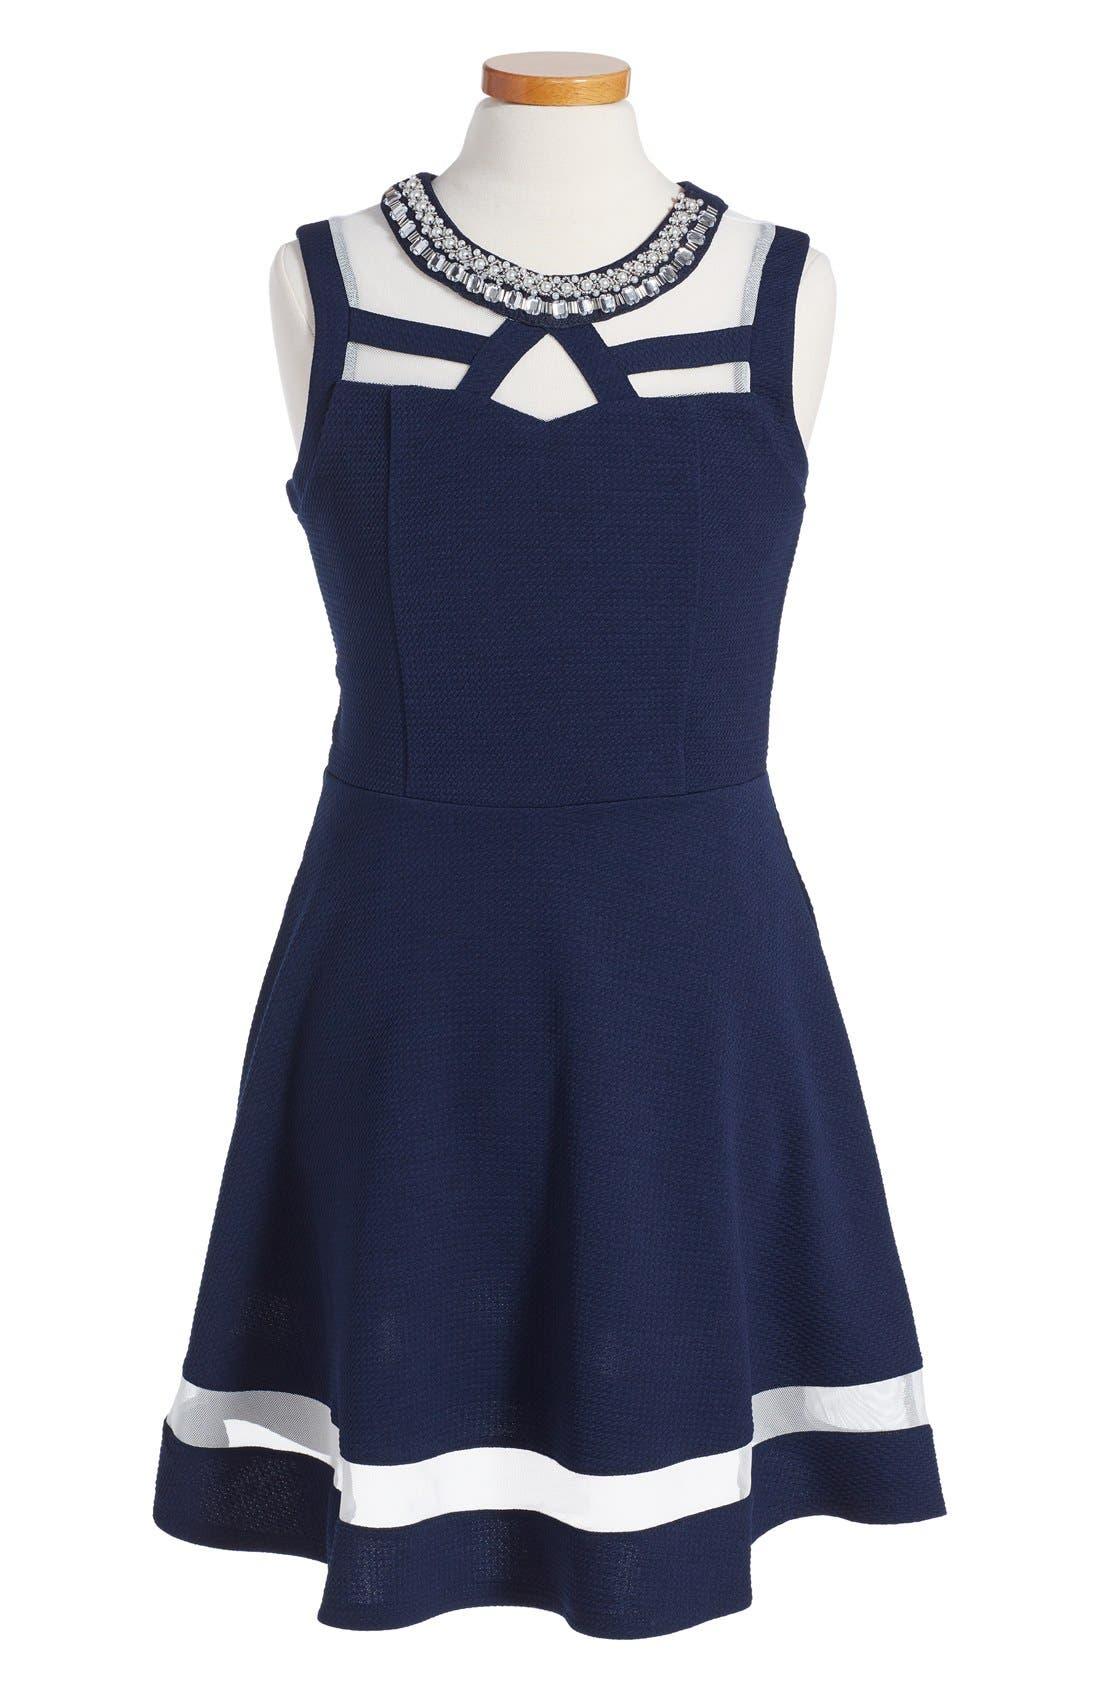 MONTEAU COUTURE Embellished Skater Dress